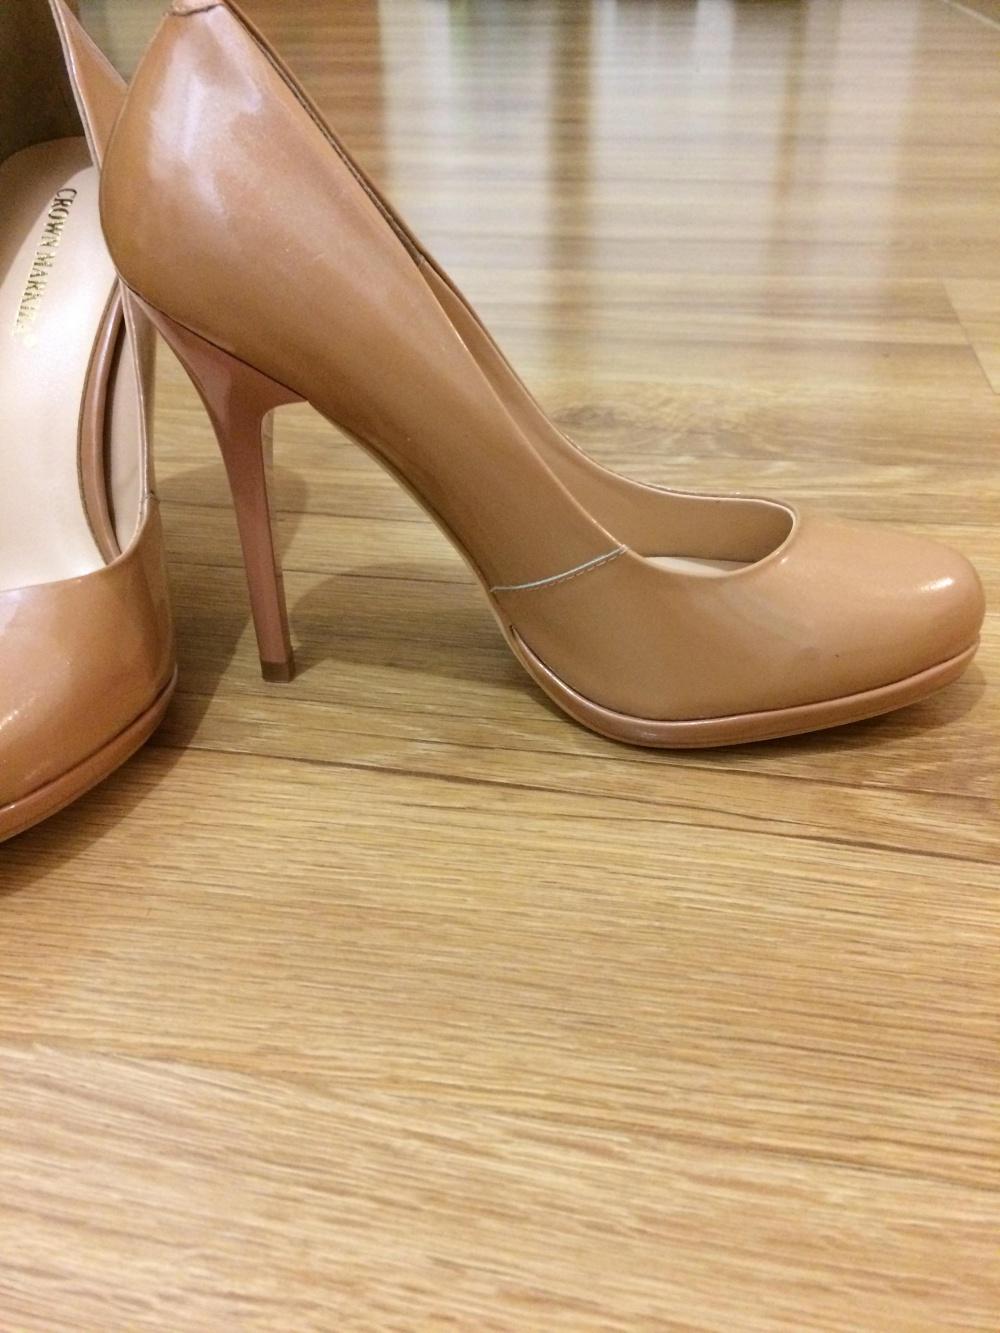 Прекраснейшие туфли деликатного перламутрового цвета шампанского 37 р-р